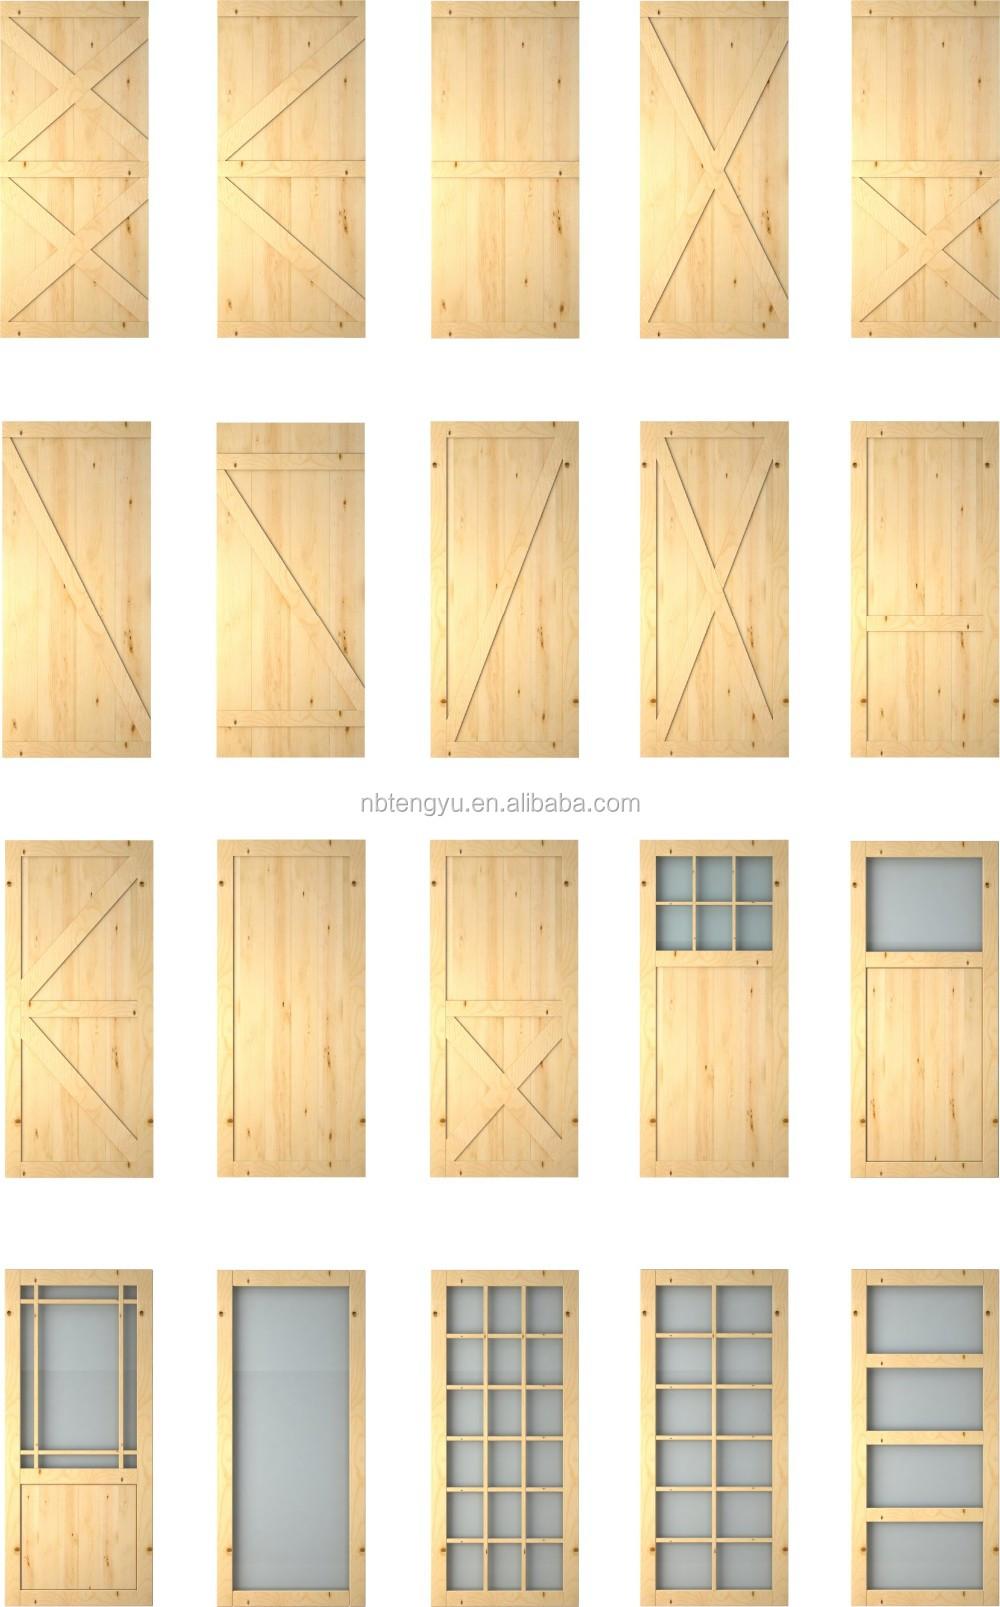 Mirrored doors with black flat track barn door hardwares for Mirrored barn door